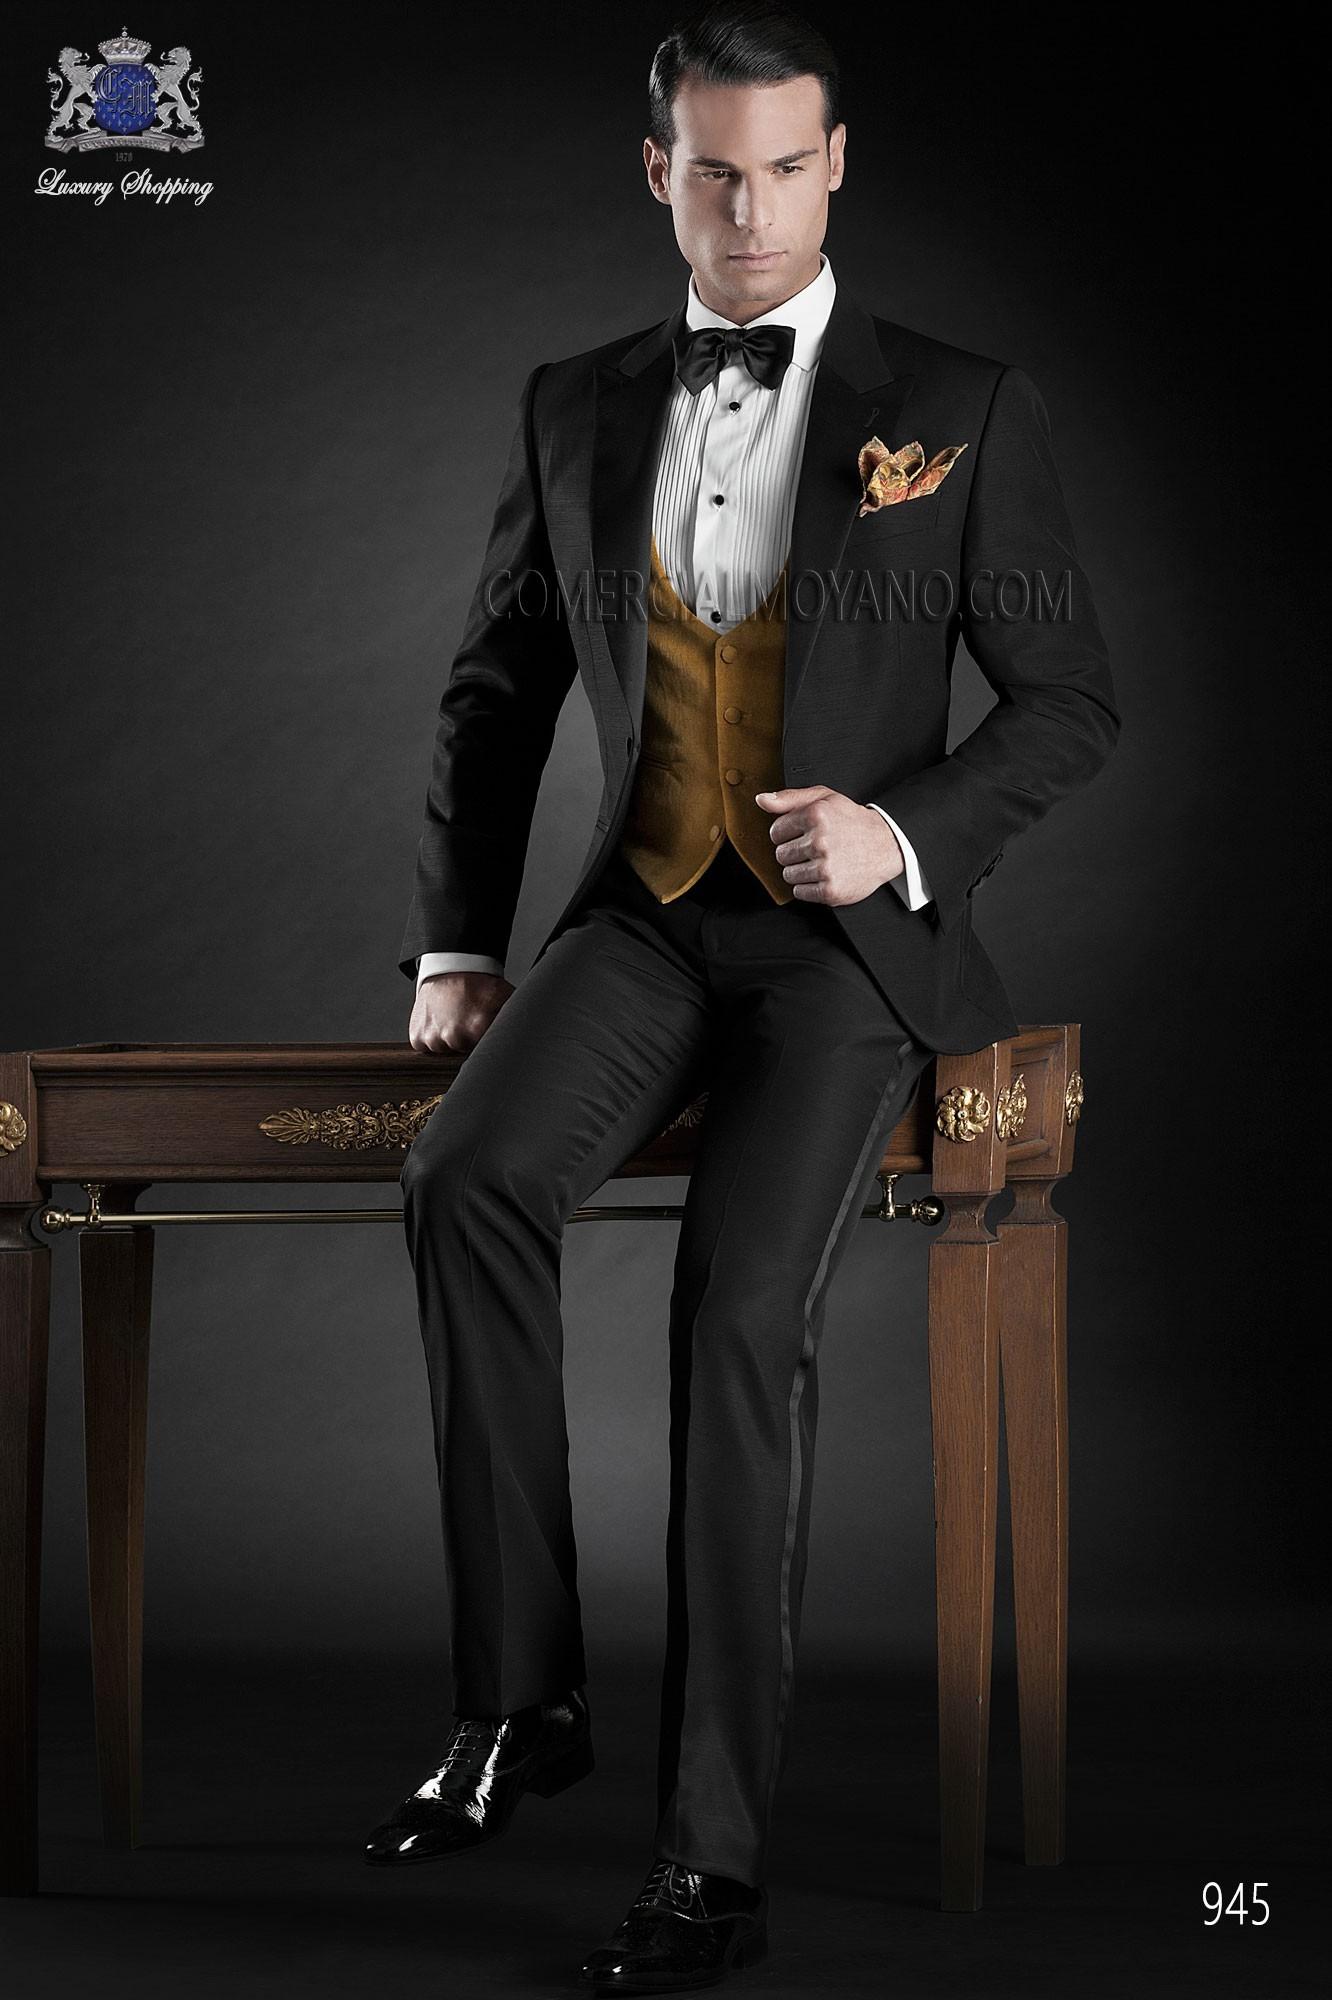 Traje de fiesta hombre negro modelo: 945 Ottavio Nuccio Gala colección Black Tie